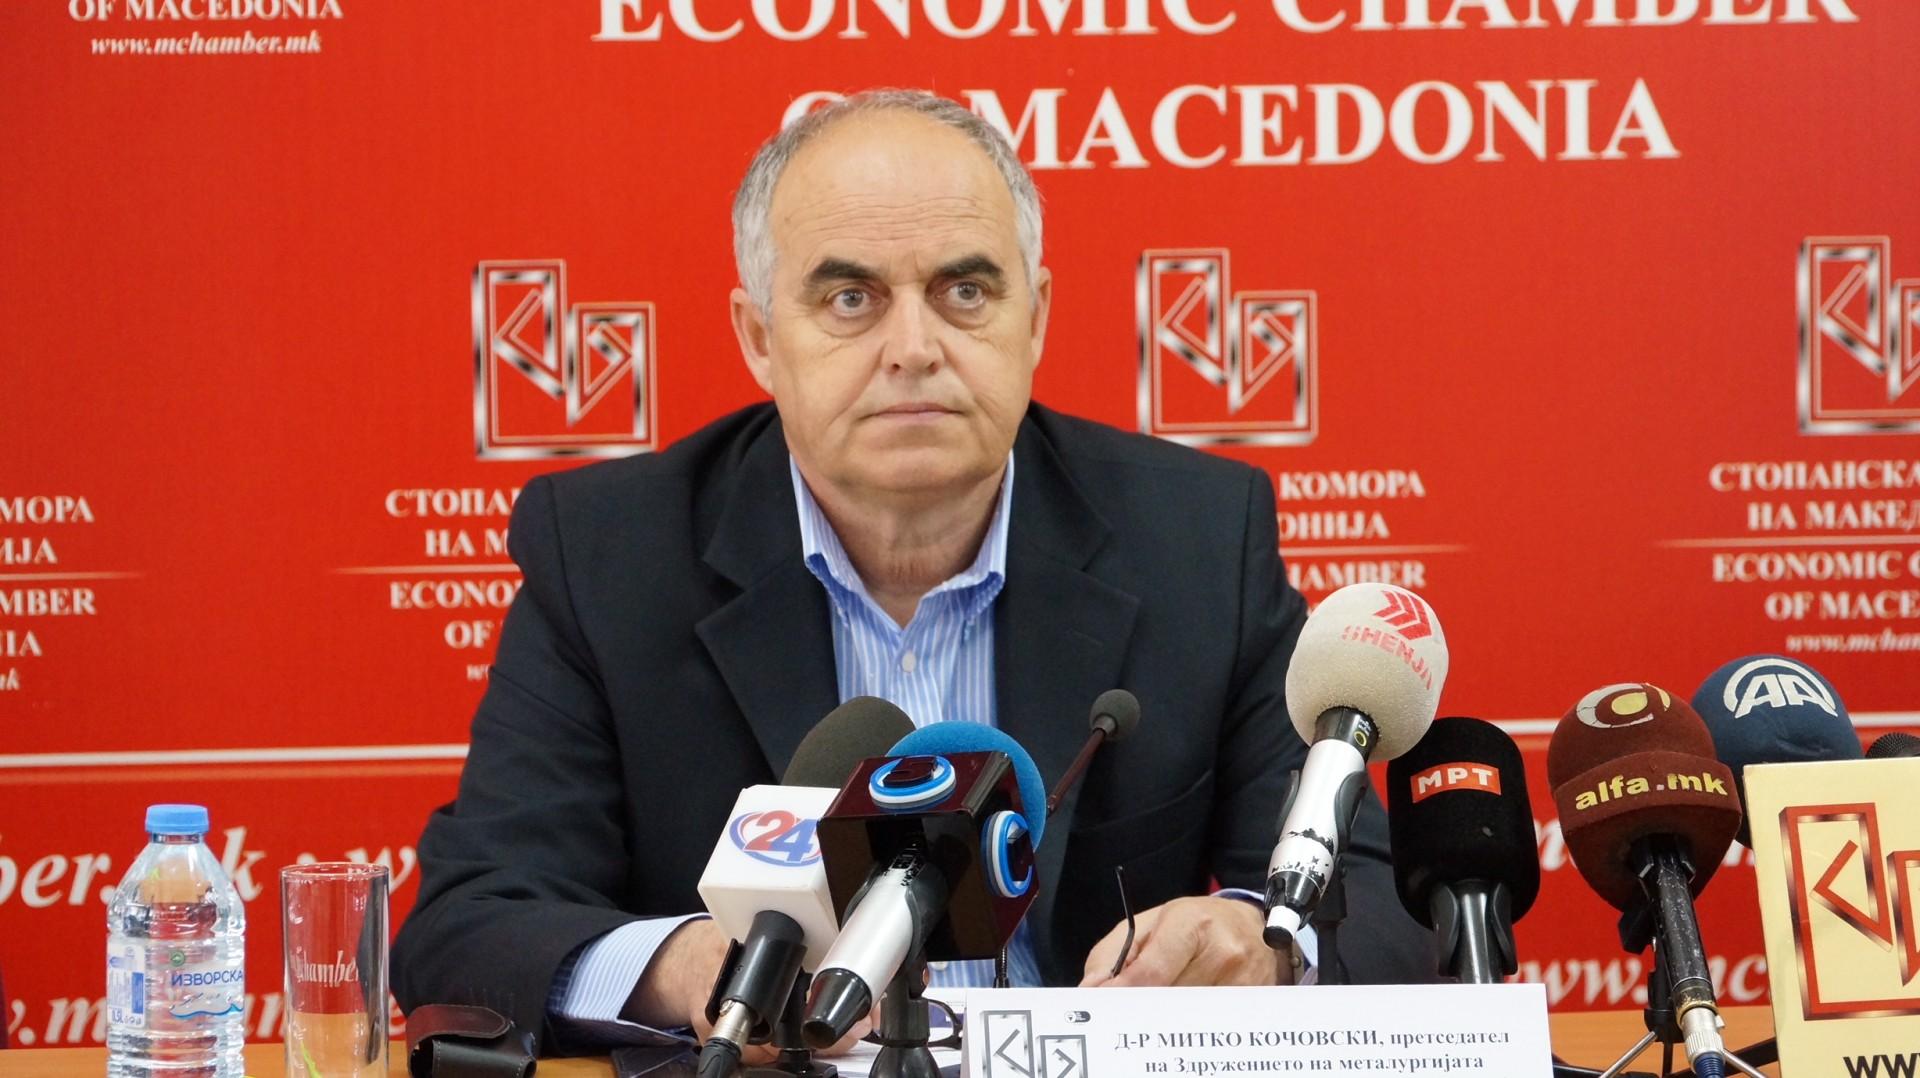 Прашањето на кадровската дефицитарност како сериозен лимитирачки фактор за раст на националната економија